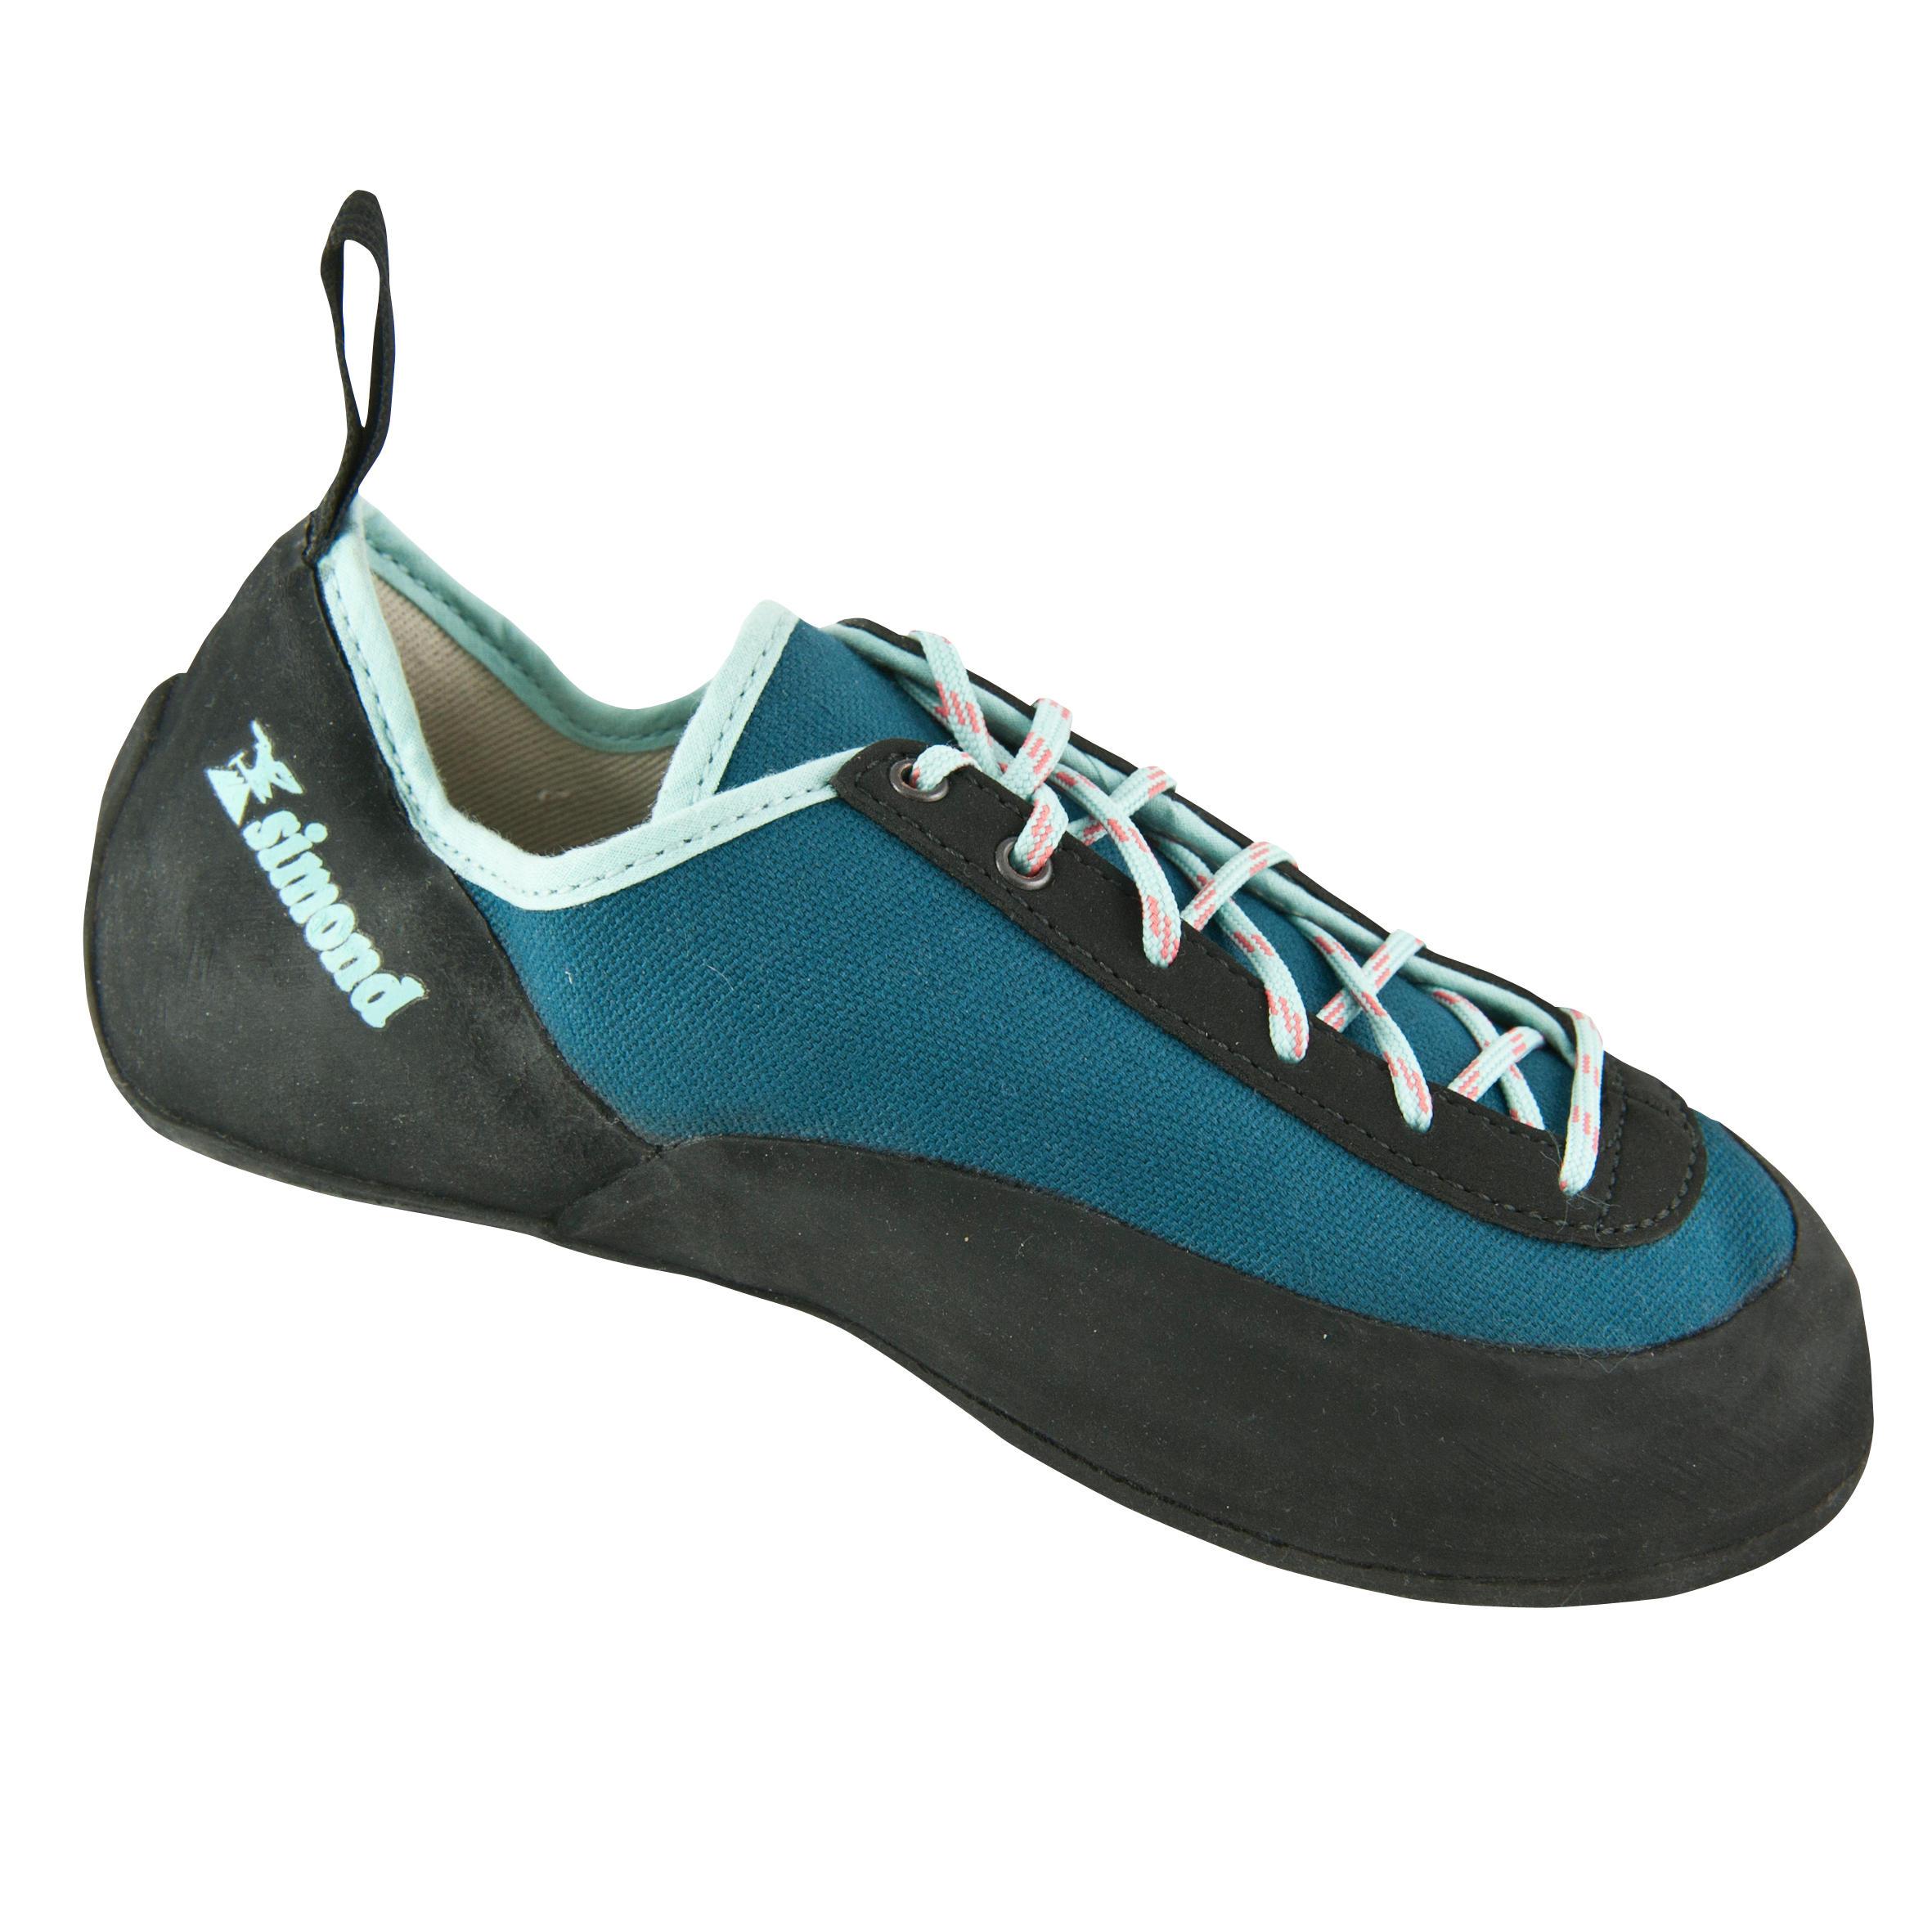 Kletterschuhe Rock Blue Erwachsene | Schuhe > Sportschuhe > Kletterschuhe | Simond